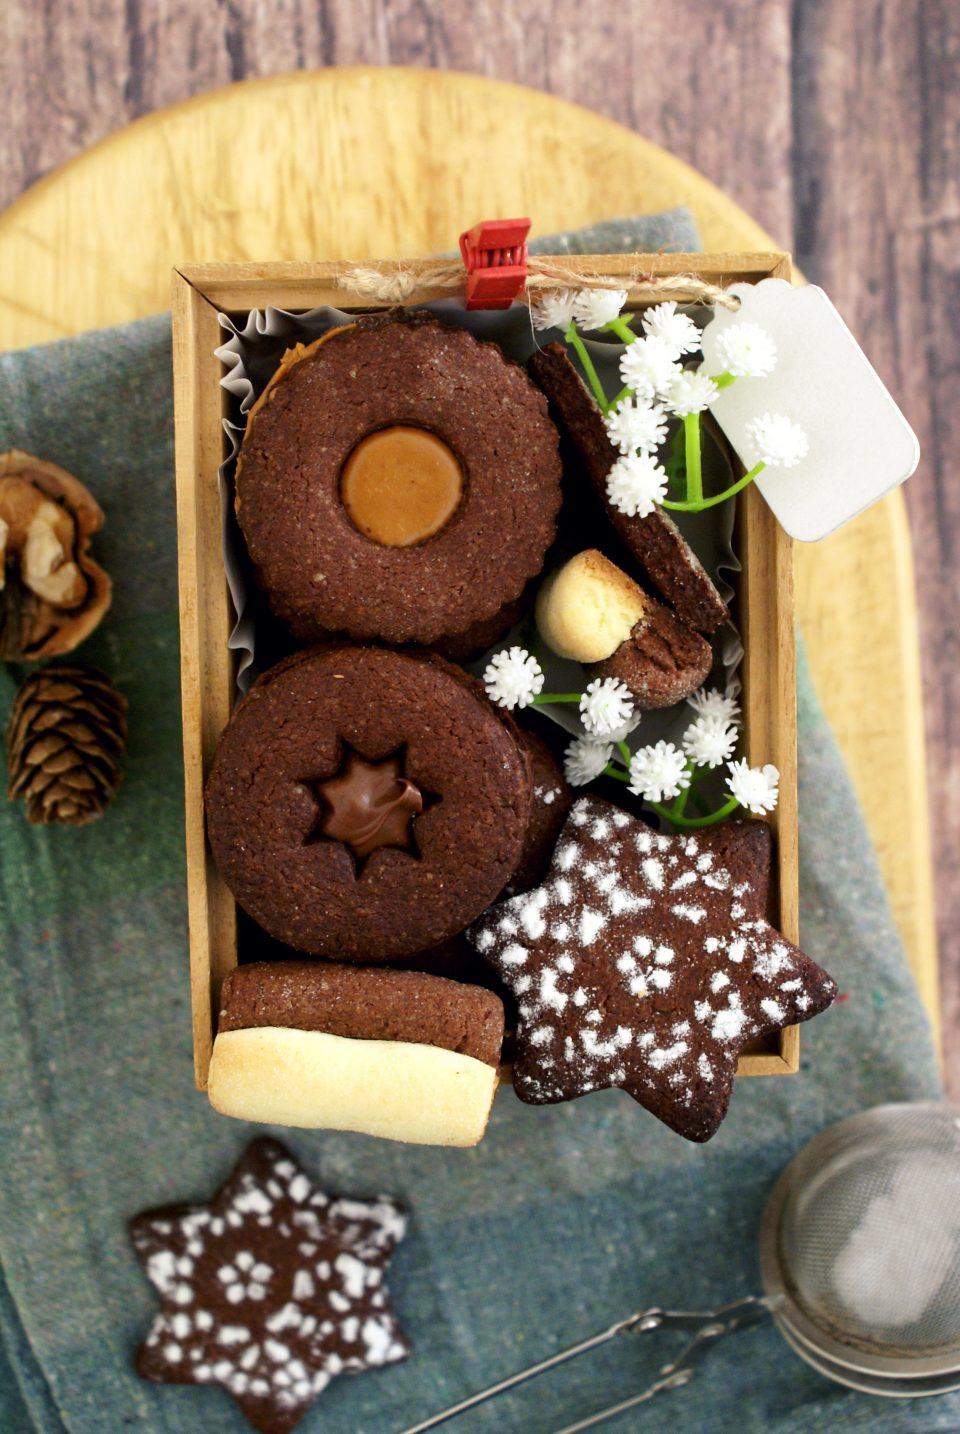 Biscotti di pasta frolla alla Nutella ripieni di Nutella e burro di arachidi